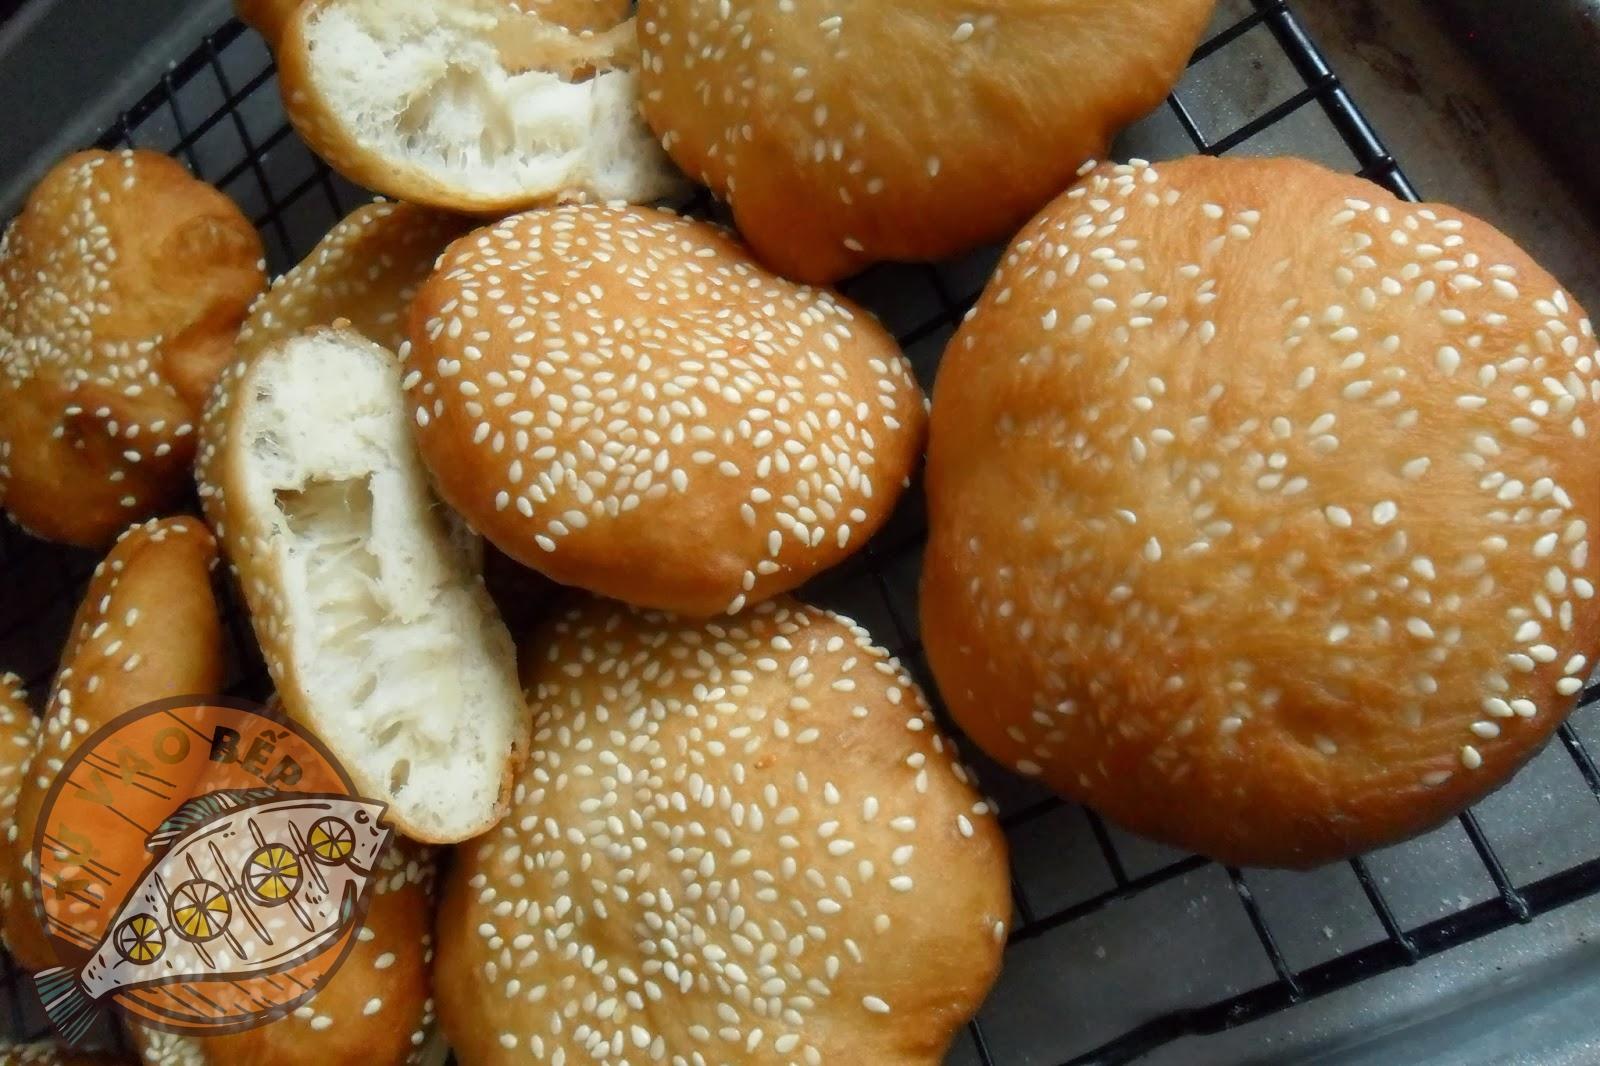 Ruột bánh đặc, phồng, xốp với vỏ bánh vàng đều